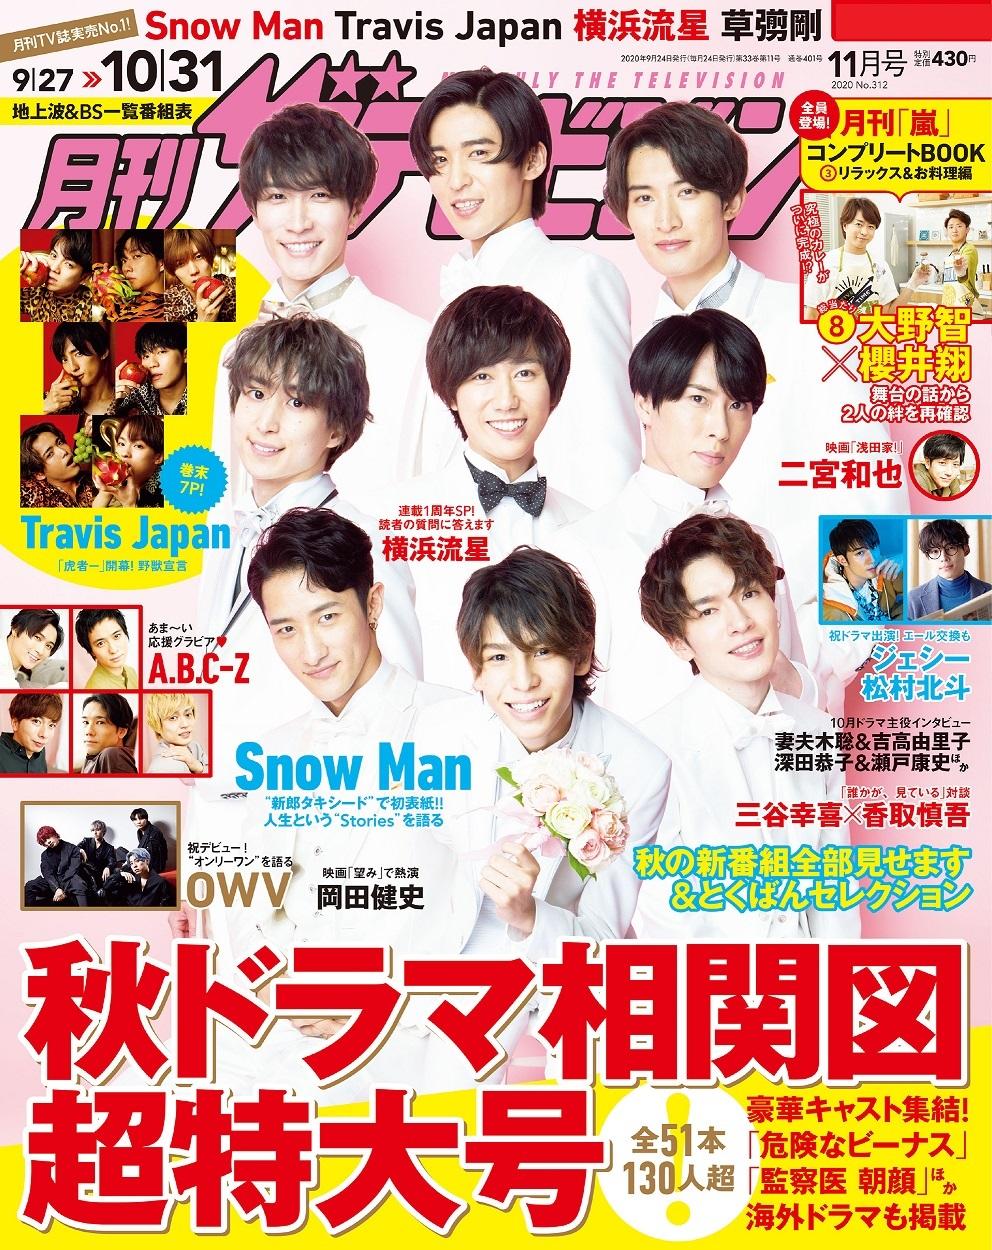 月刊ザテレビジョン 関西版 2020年11月号